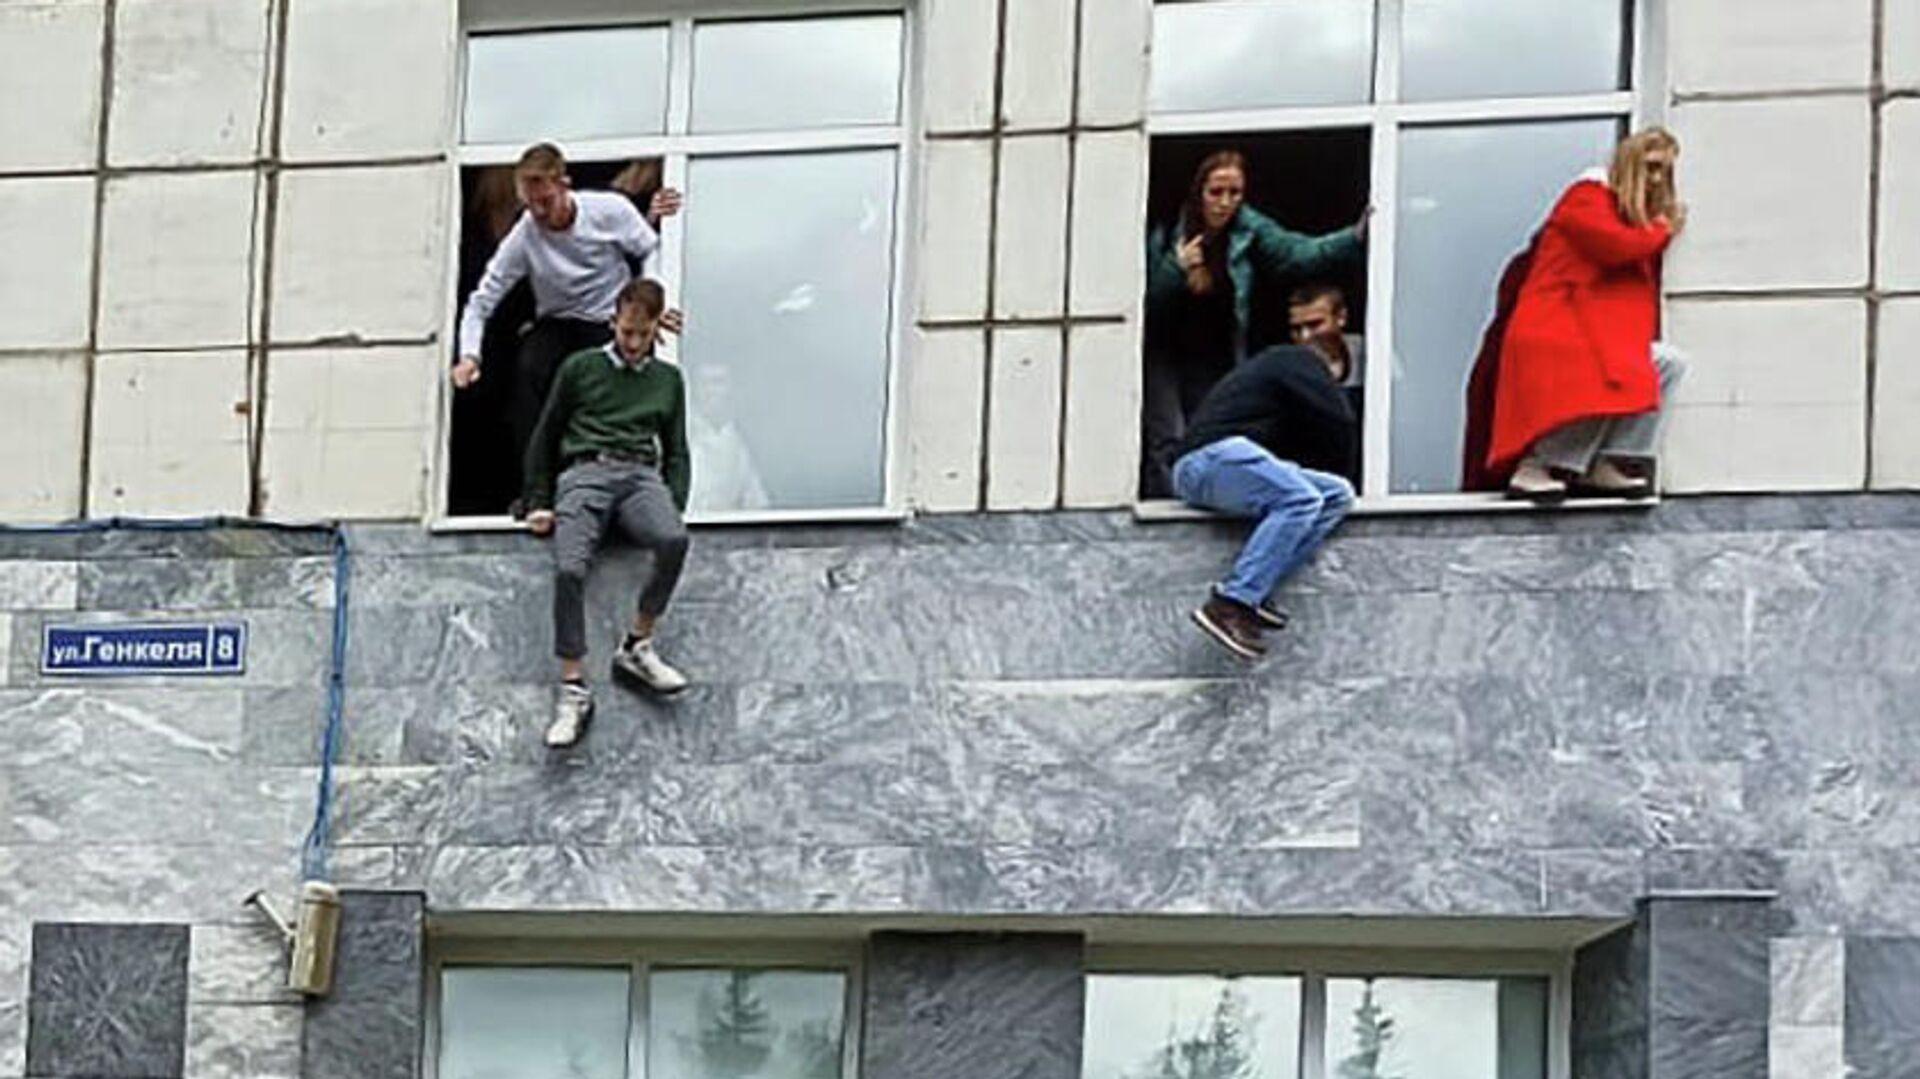 Студенты выпрыгивают из окон Пермского государственного национального исследовательского университета - Sputnik Грузия, 1920, 20.09.2021